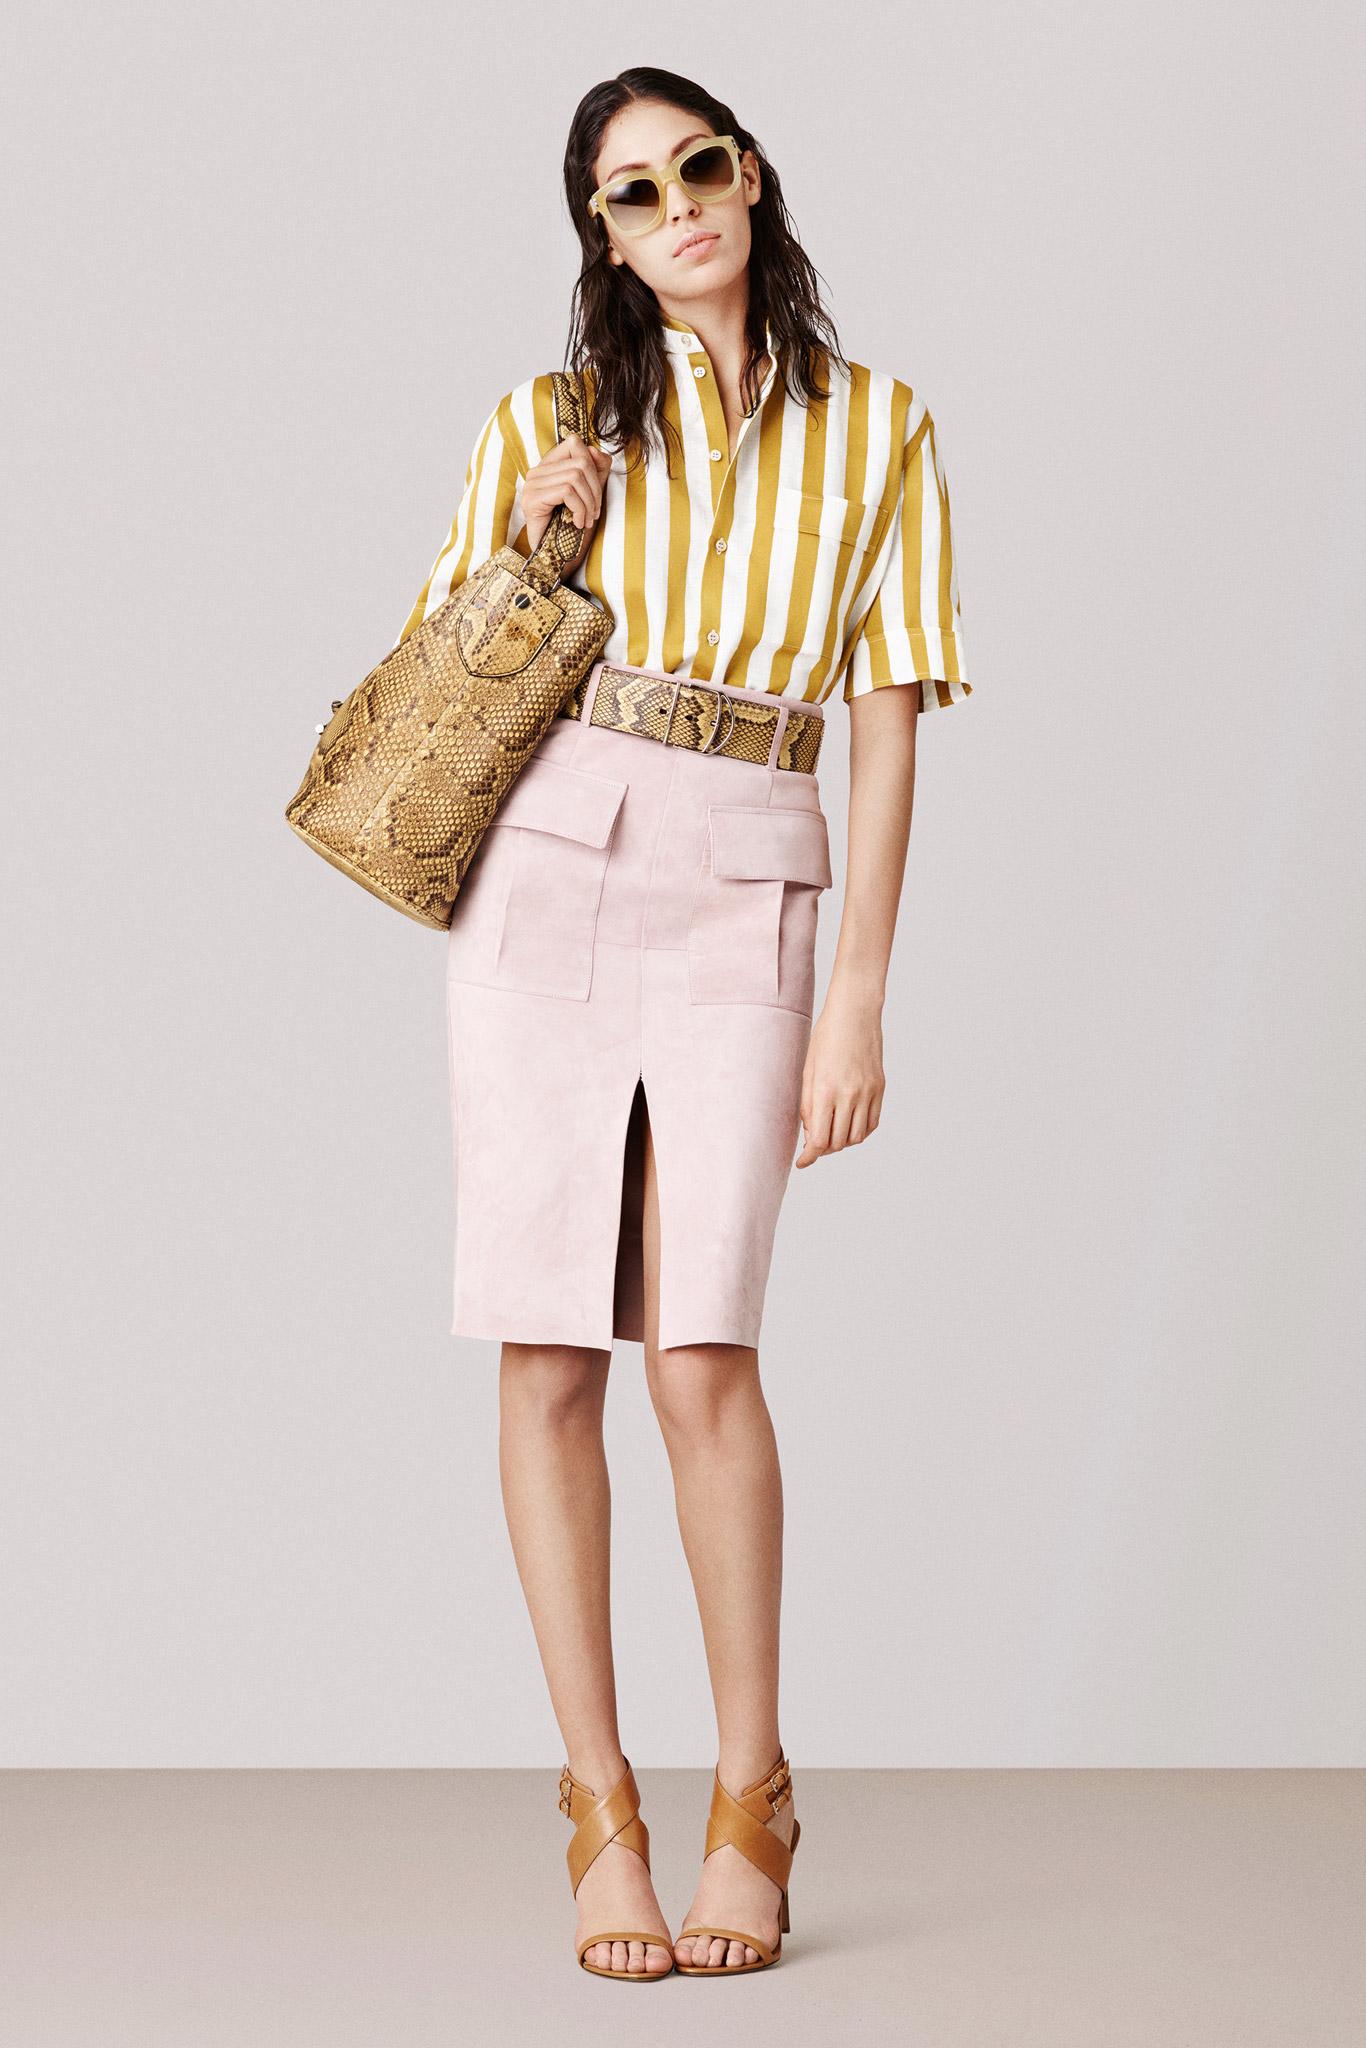 Image Courtesy of  Style.com